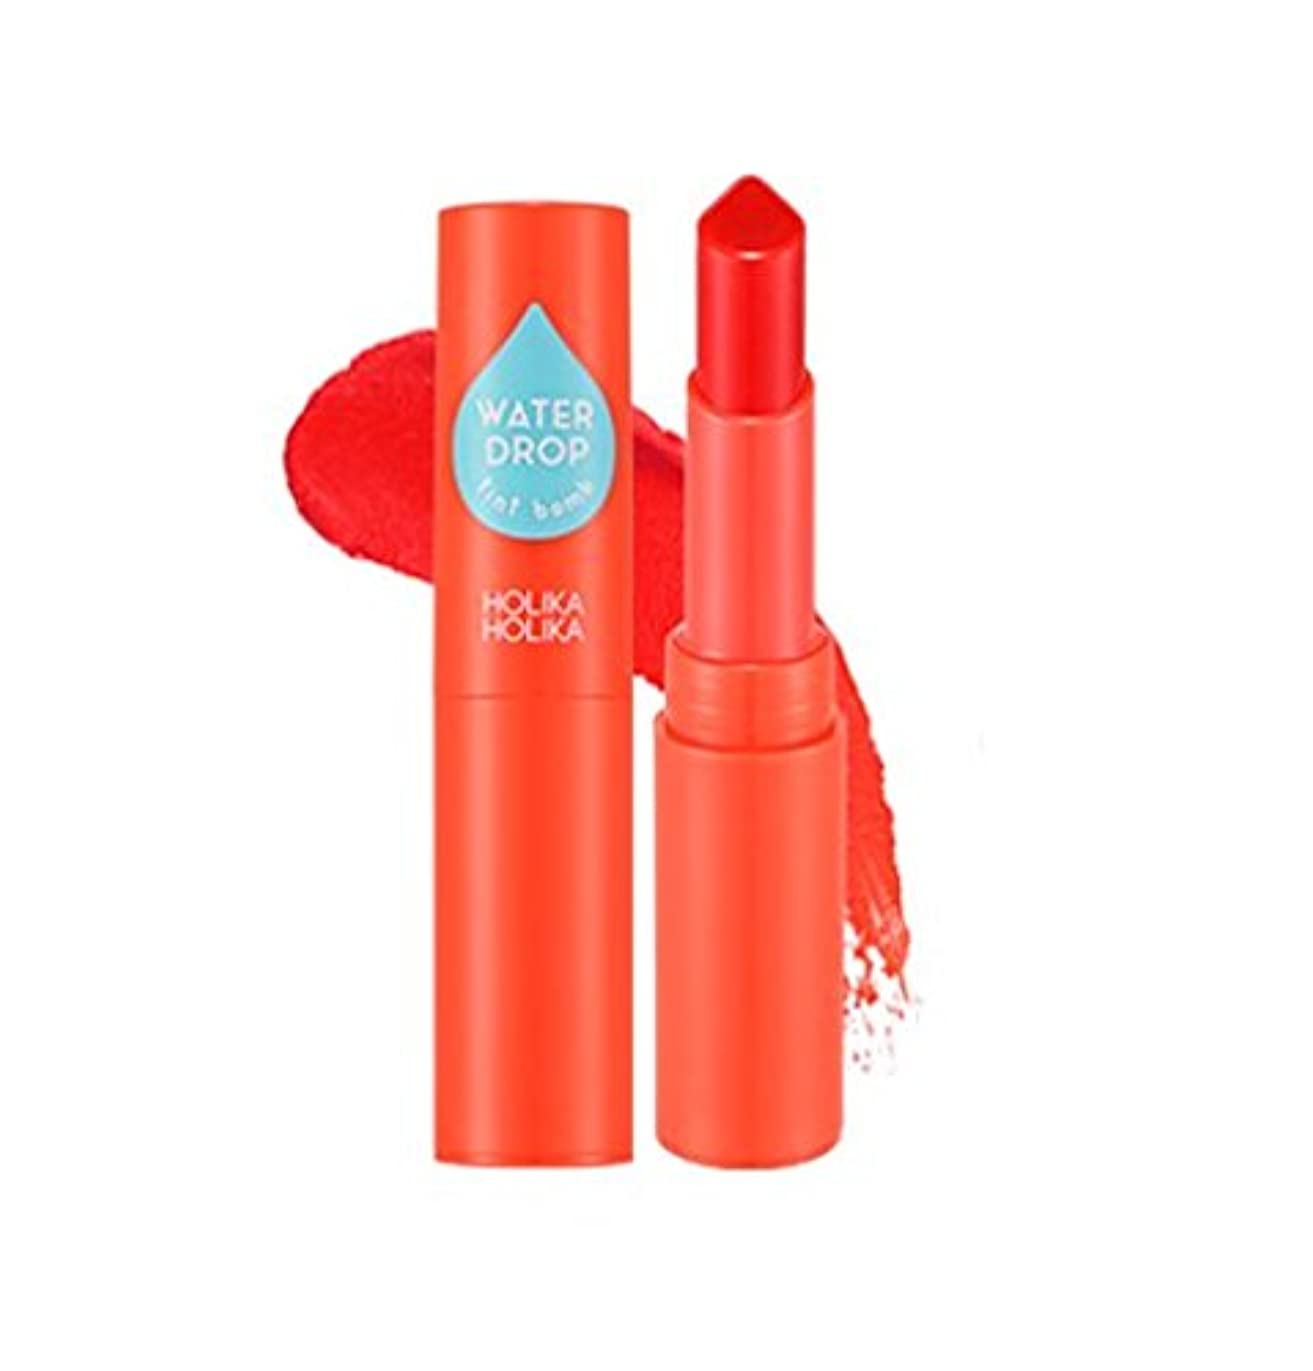 ジュース取るに足らない舞い上がるHolika Holika ウォータードロップティントバーム/Water-drop Tint Bomb 5 Colors (03 オレンジウォーター) [並行輸入品]